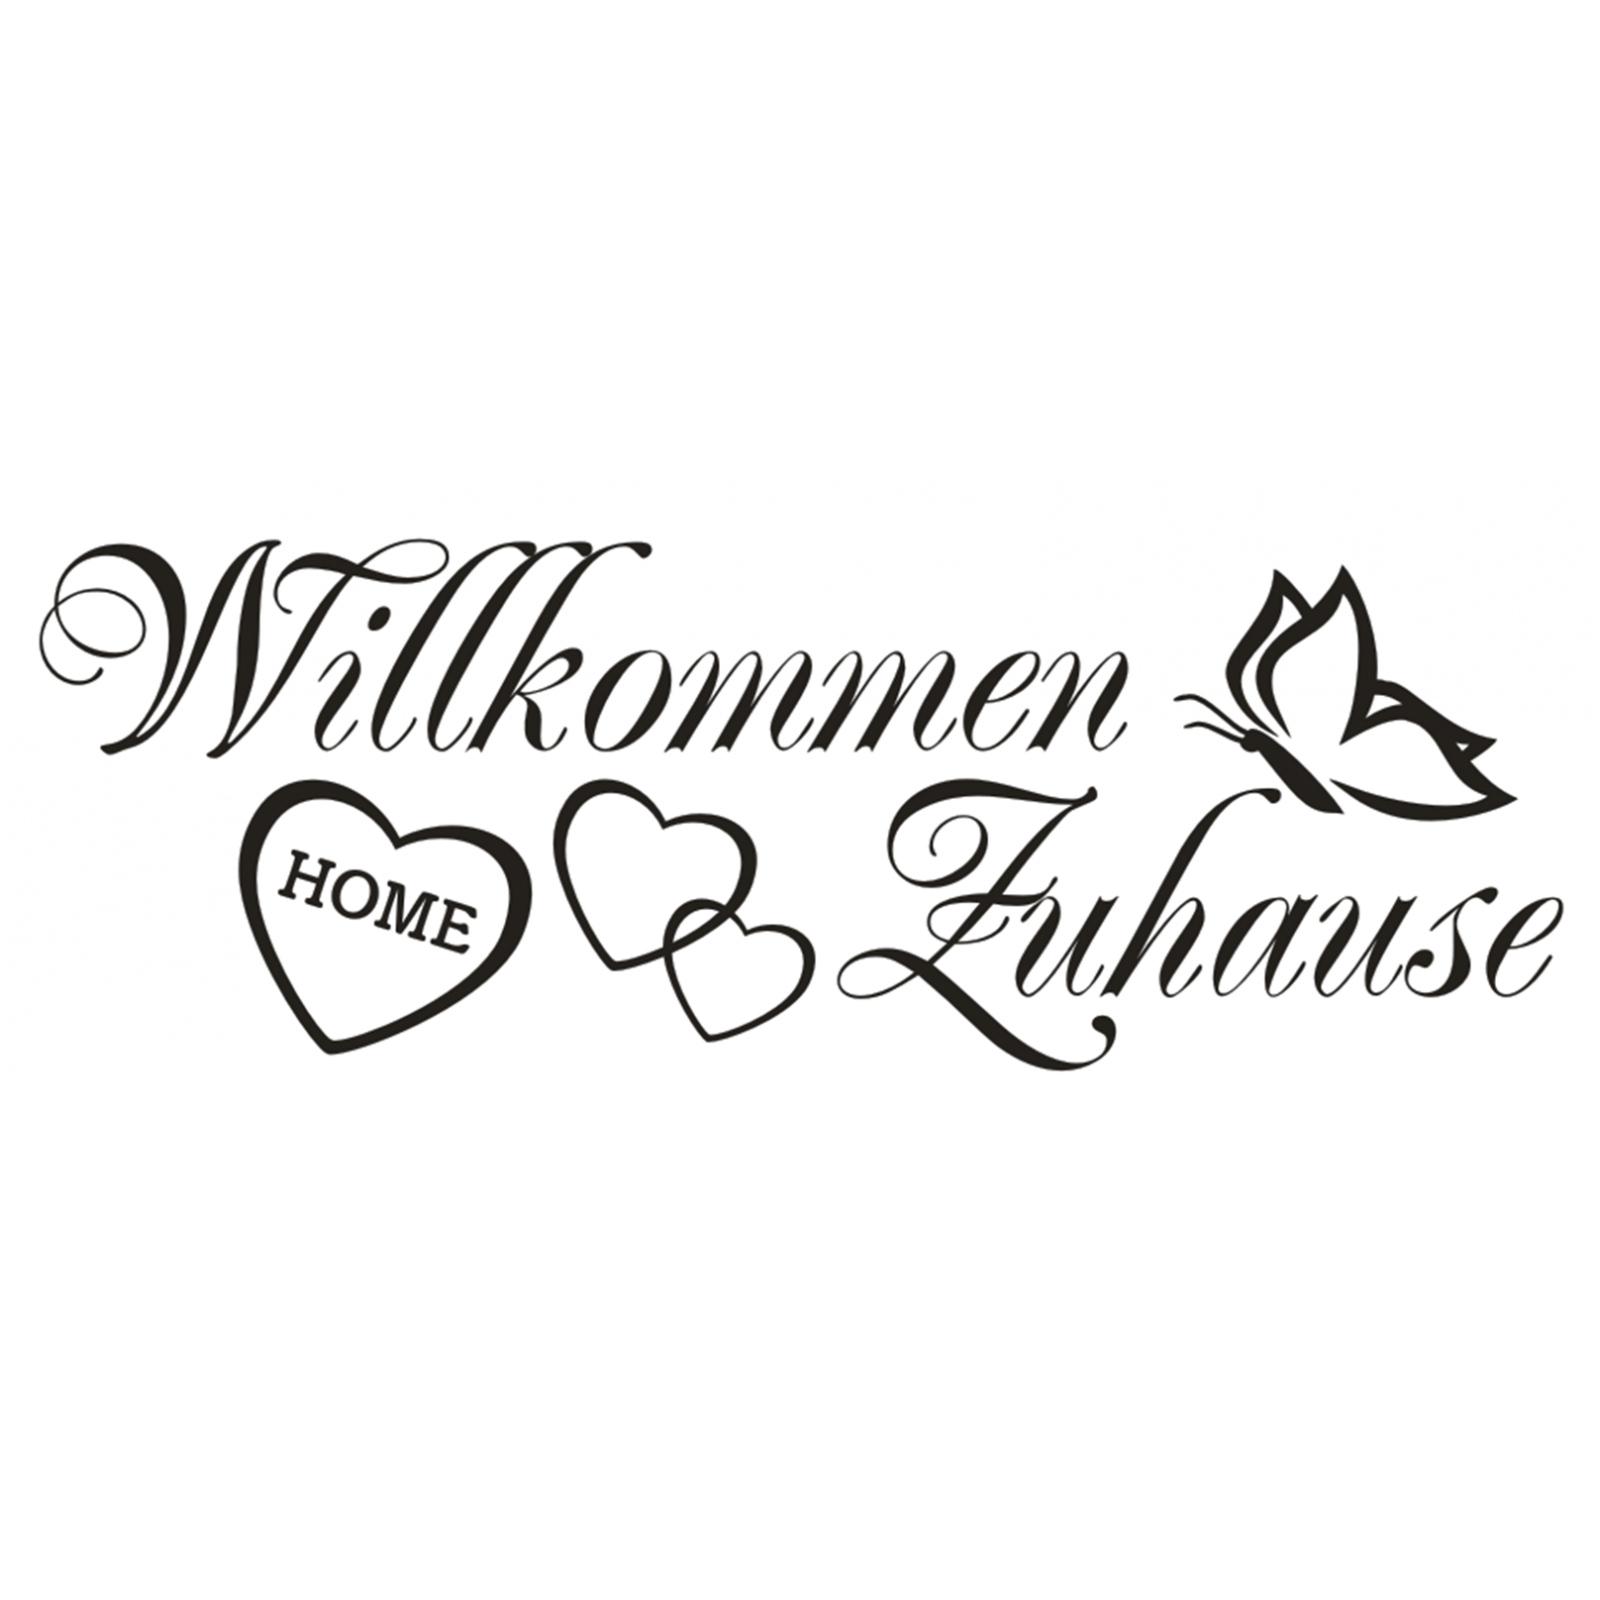 Details Zu Wandtattoo Spruch Willkommen Zuhause Welcome Aufkleber Sticker Wandaufkleber 2